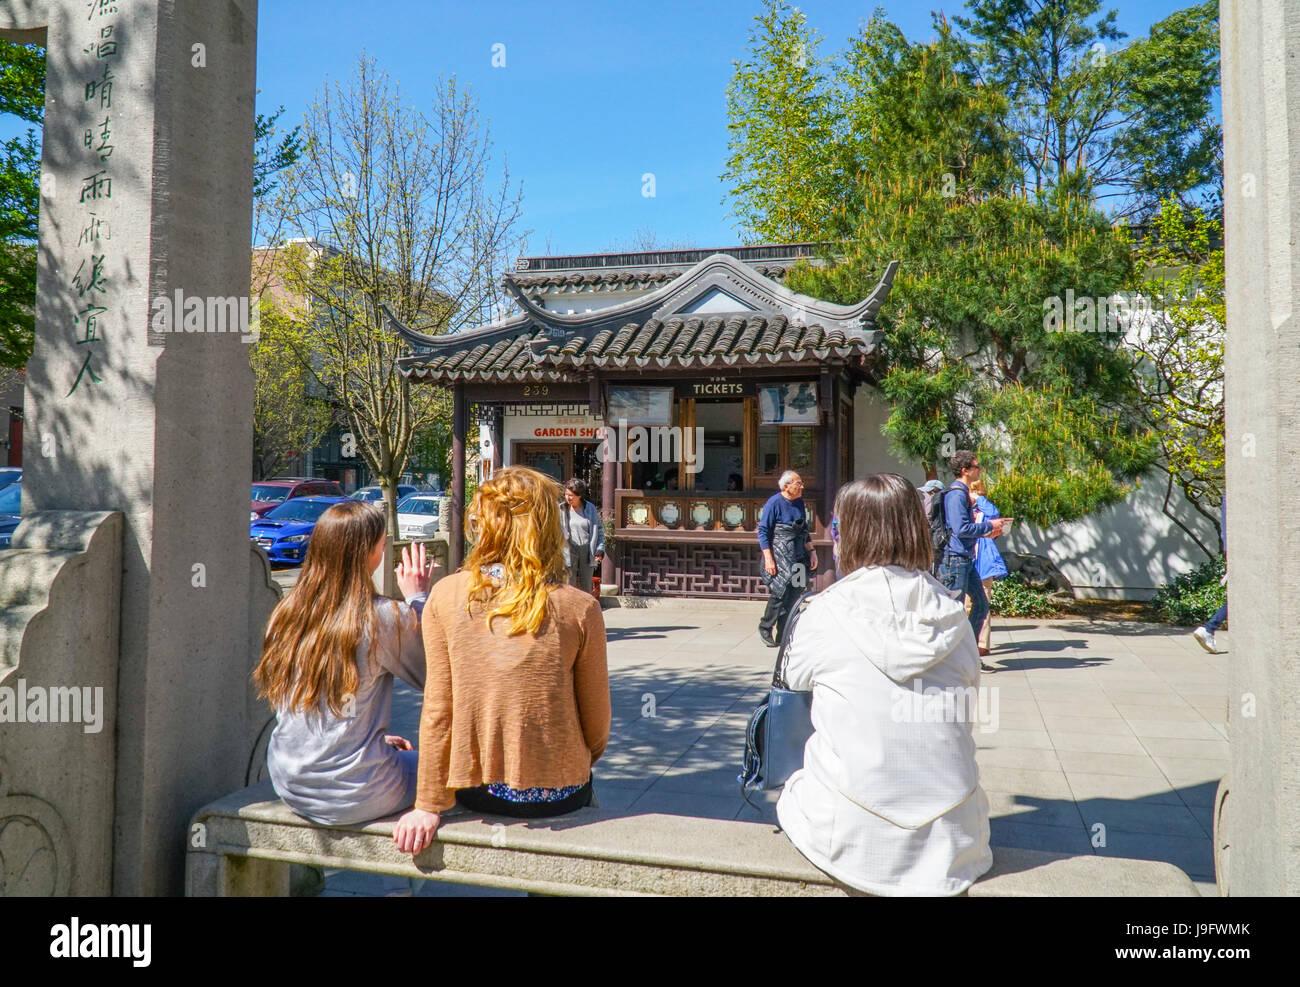 Venta de caseta en el jardín chino en Portland - Portland, Oregon - El 16 de abril, 2017 Foto de stock